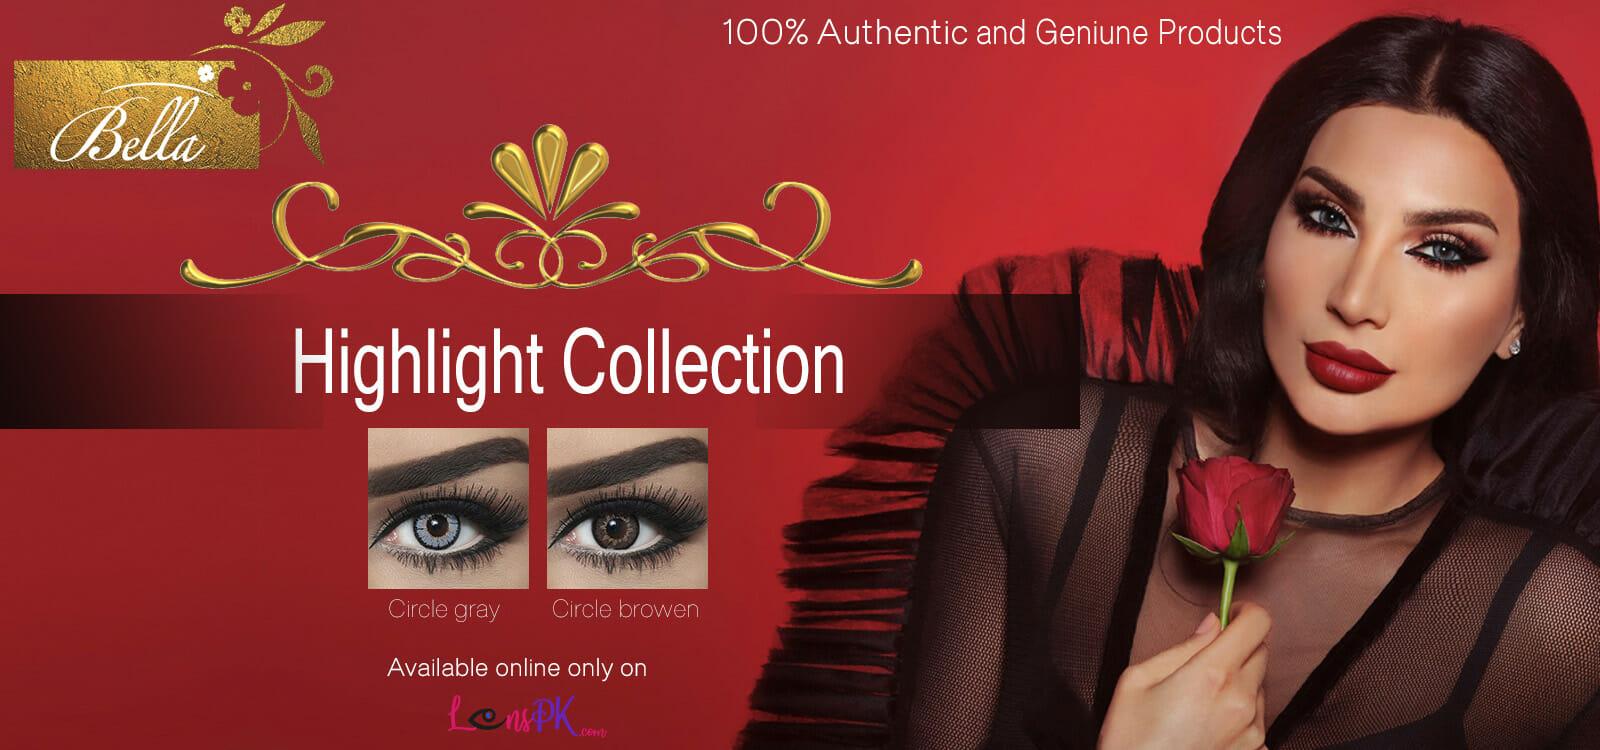 Buy Bella Highlight Collection Contact Lenses - lenspk.com